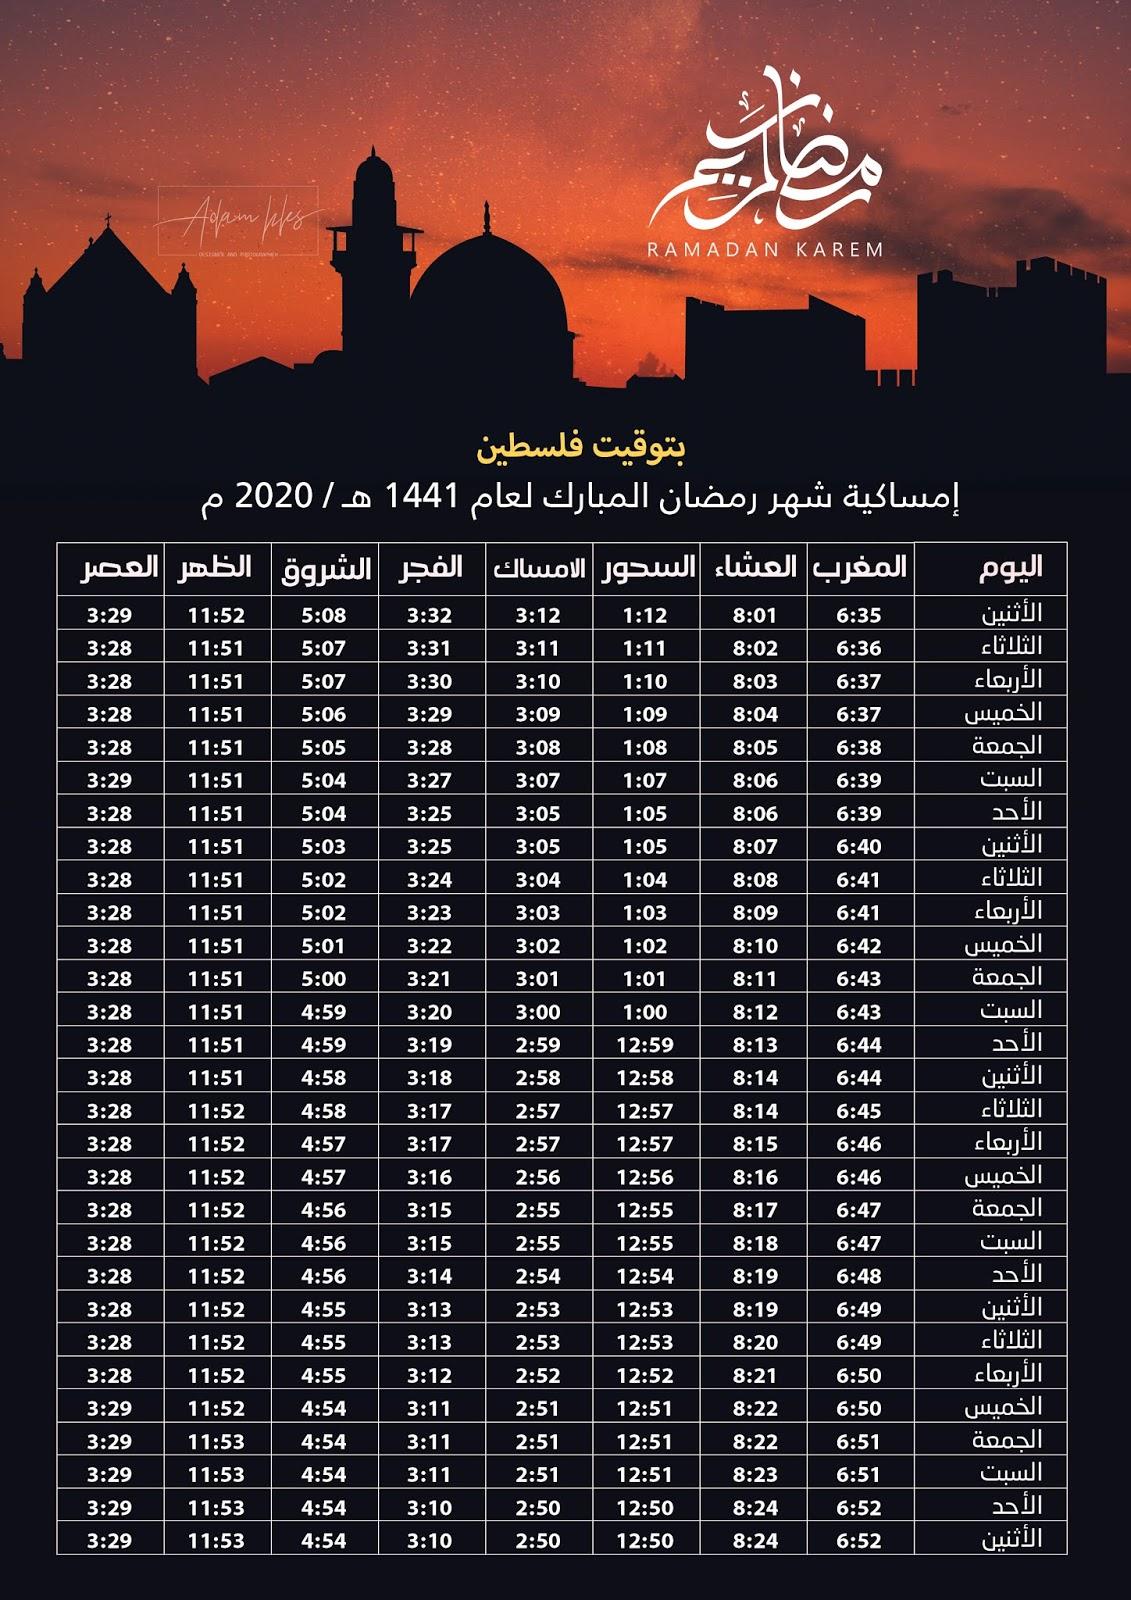 تحميل امساكية شهر رمضان المبارك لعام 2020 ملف مفتوح للتعديل Psd هدية لكم المصمم ادم حلس